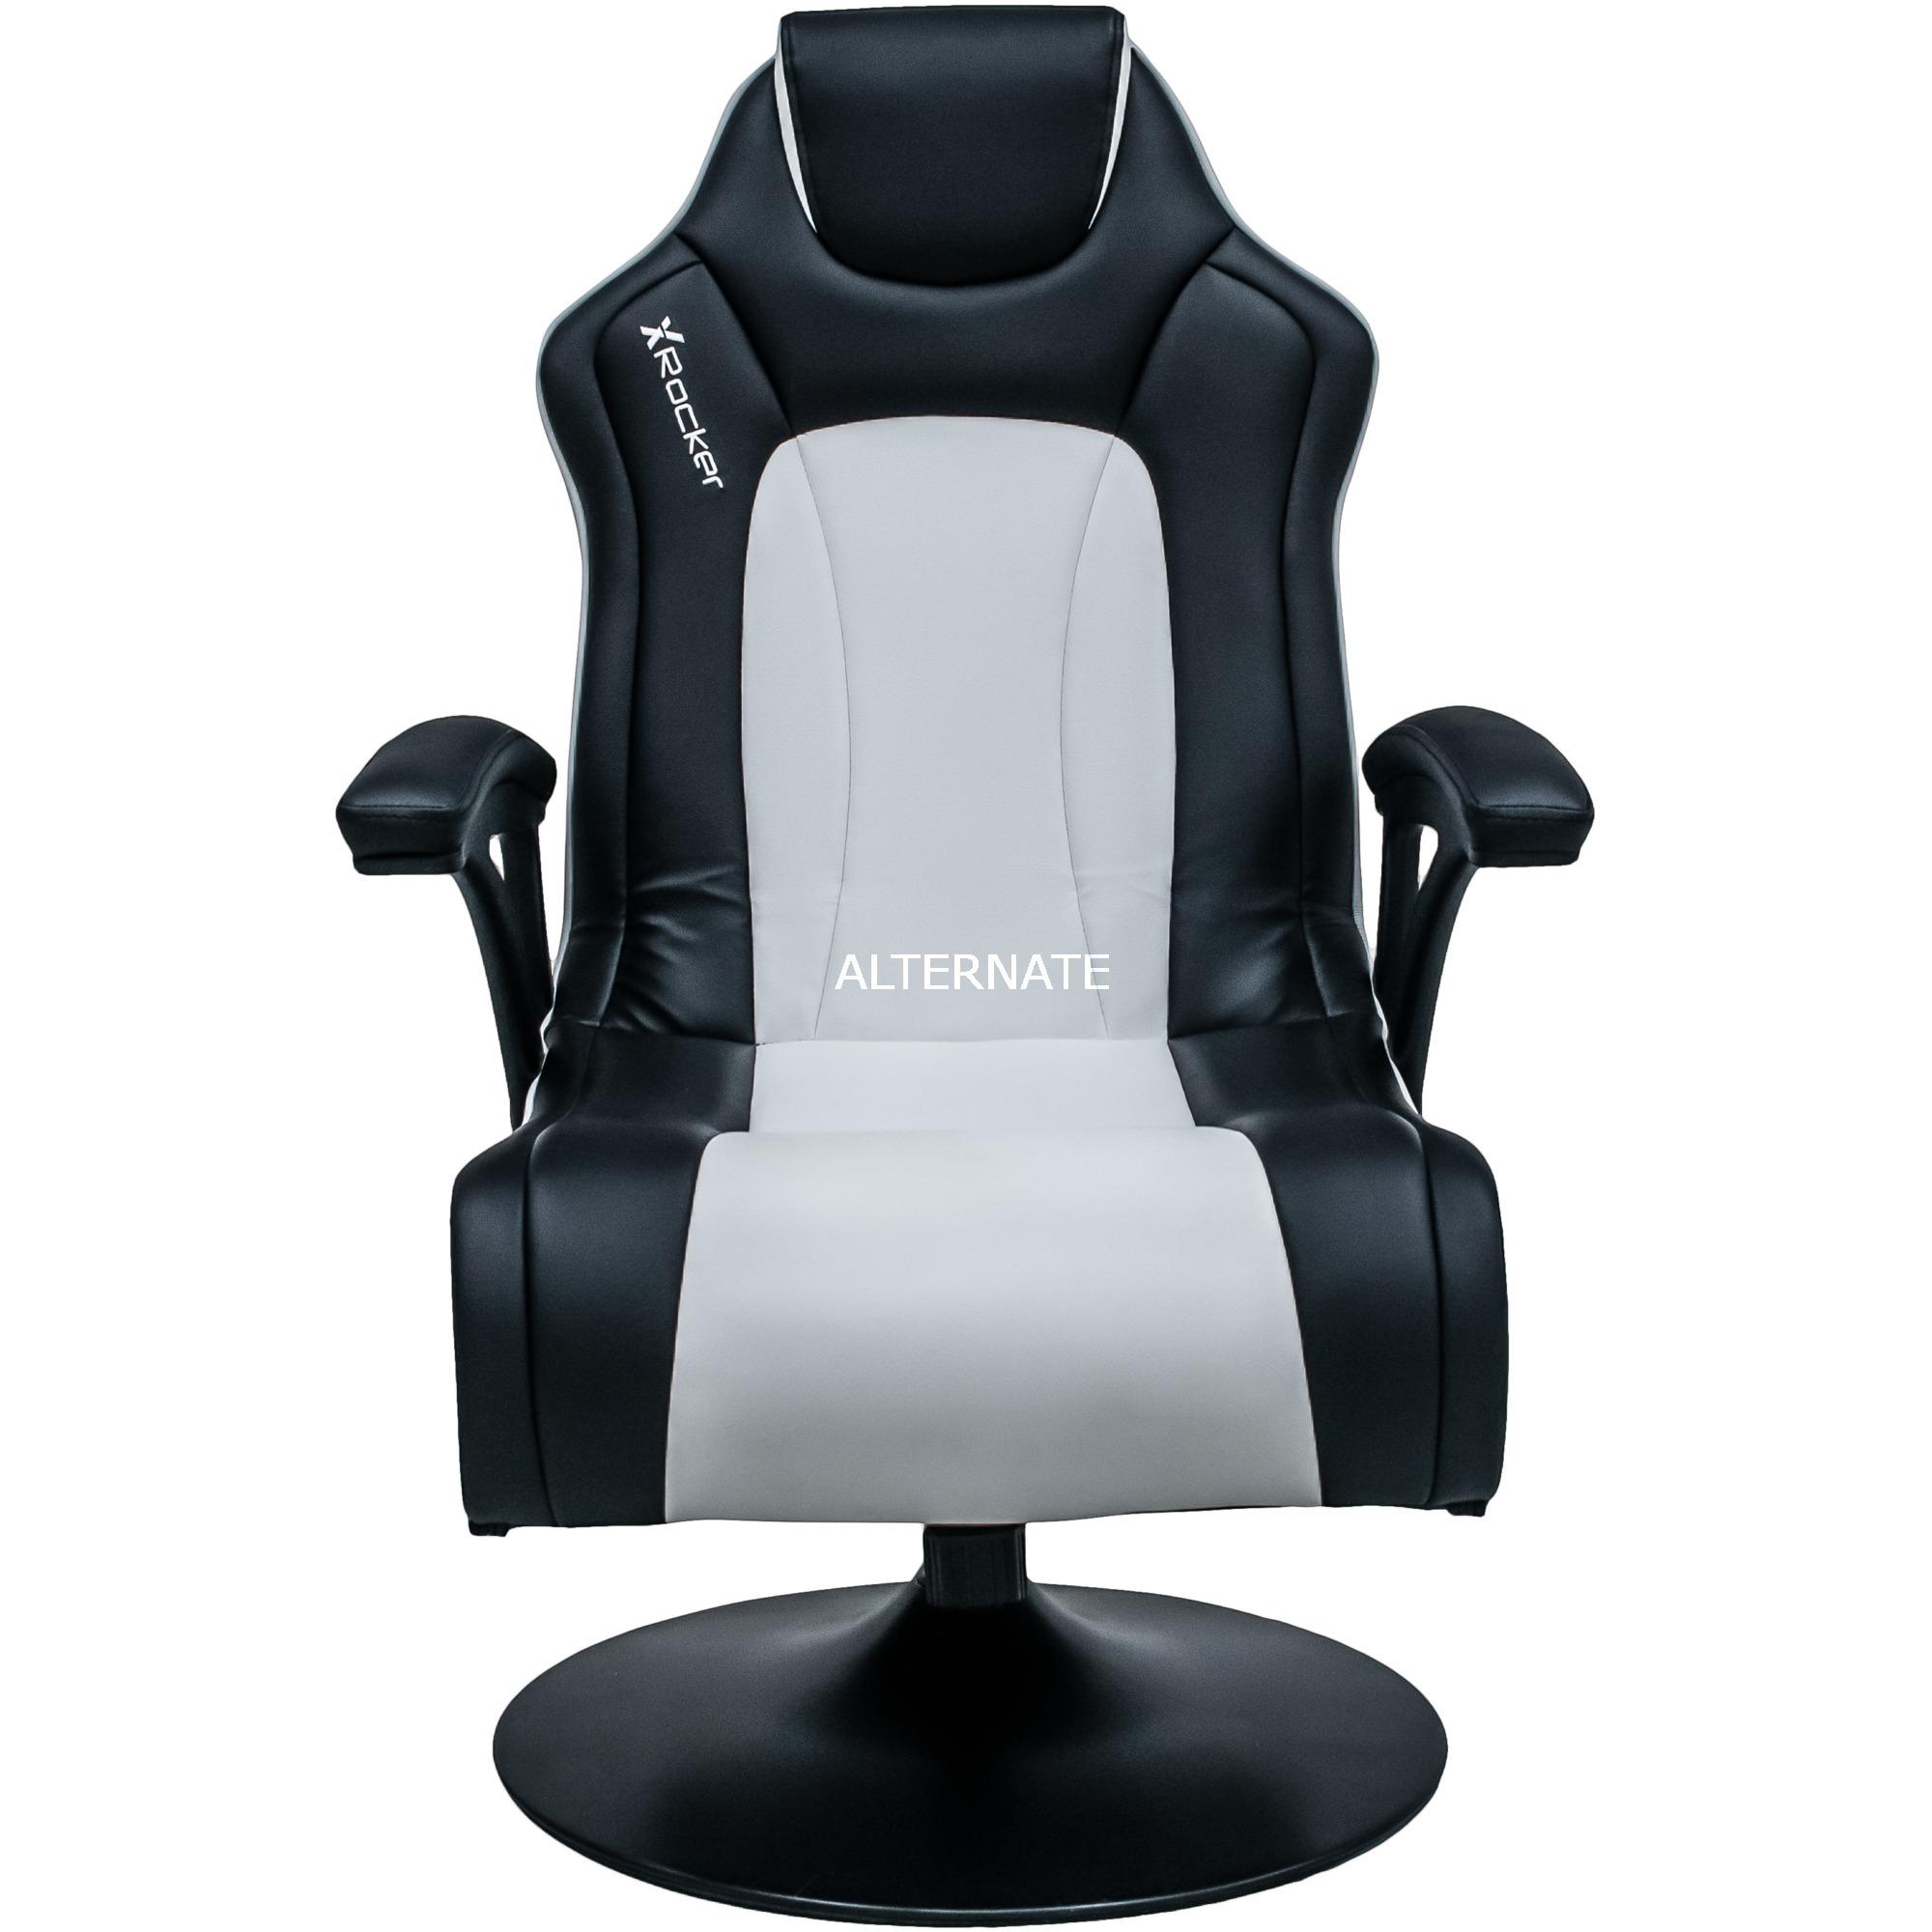 Torque 2.1 DAC Pedestal Chair, Asientos de juego